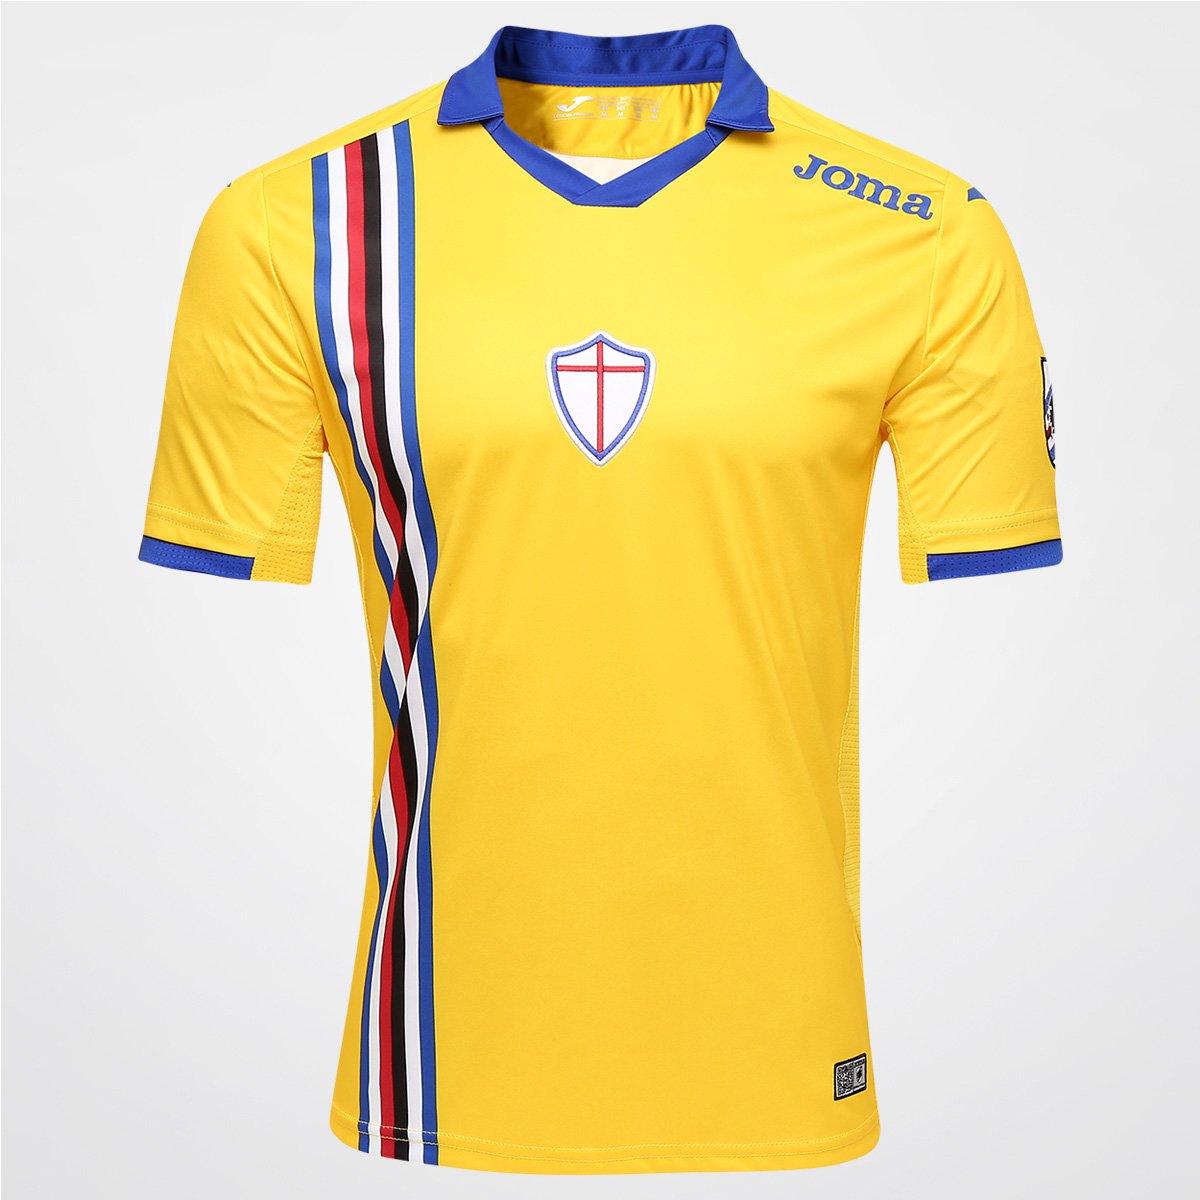 33d43be945 Camisa Sampdoria Third 15 16 s nº Torcedor Joma Masculina - Compre Agora